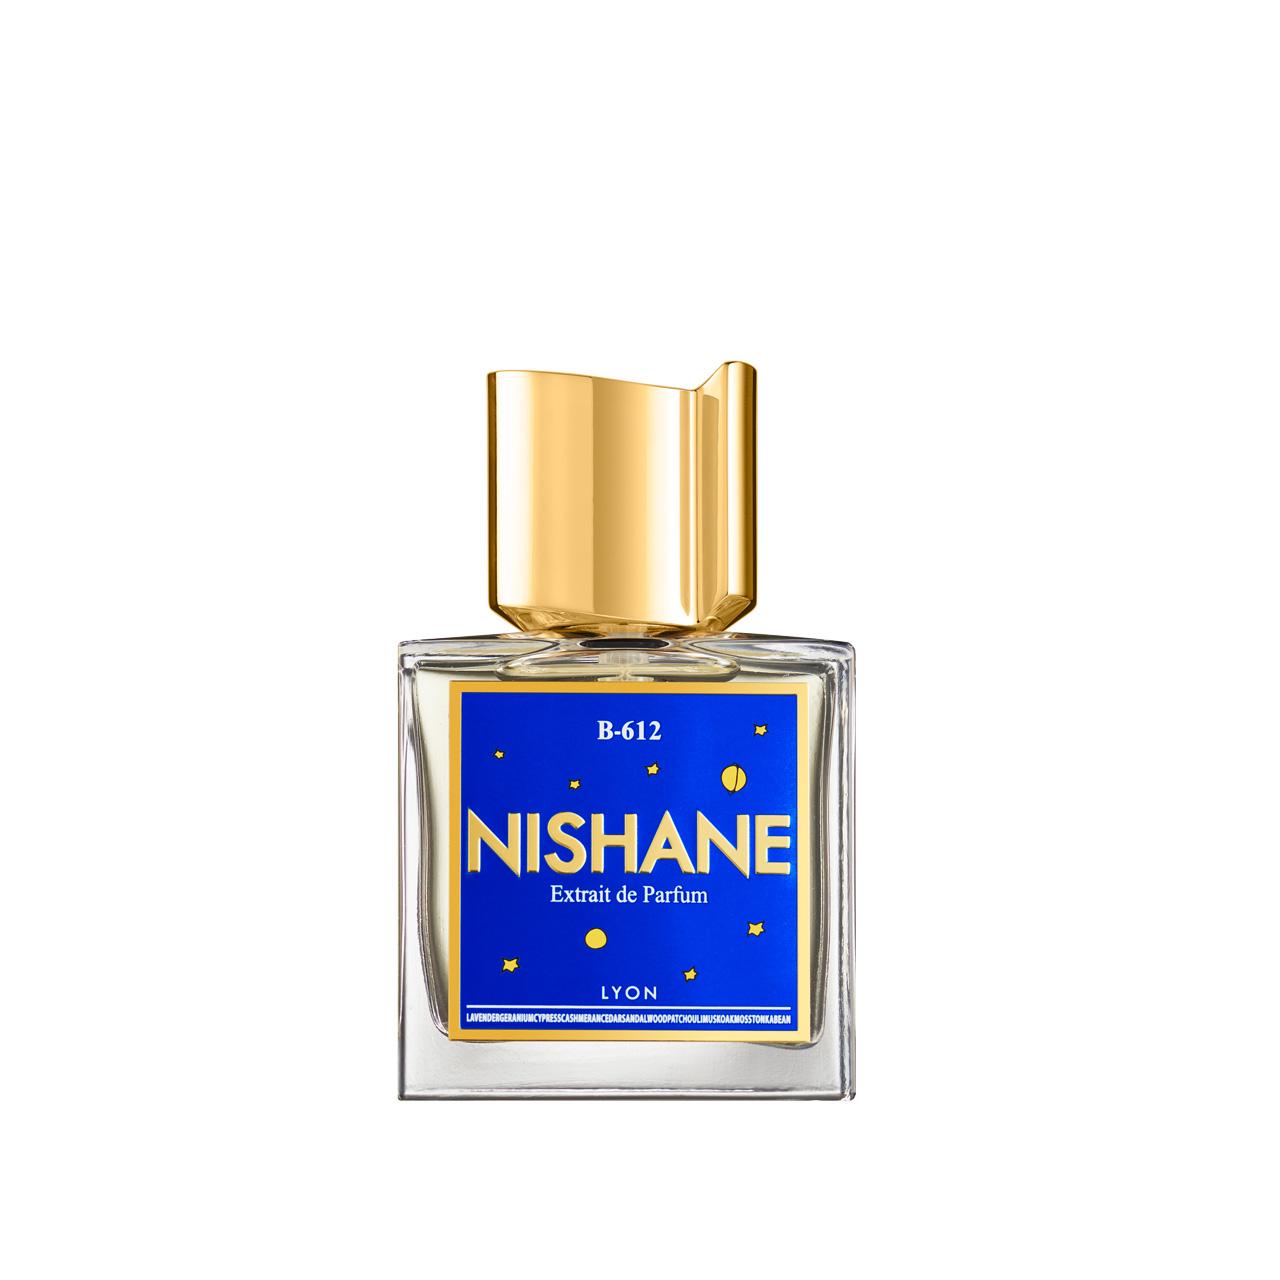 B-612 - Extrait de Parfum